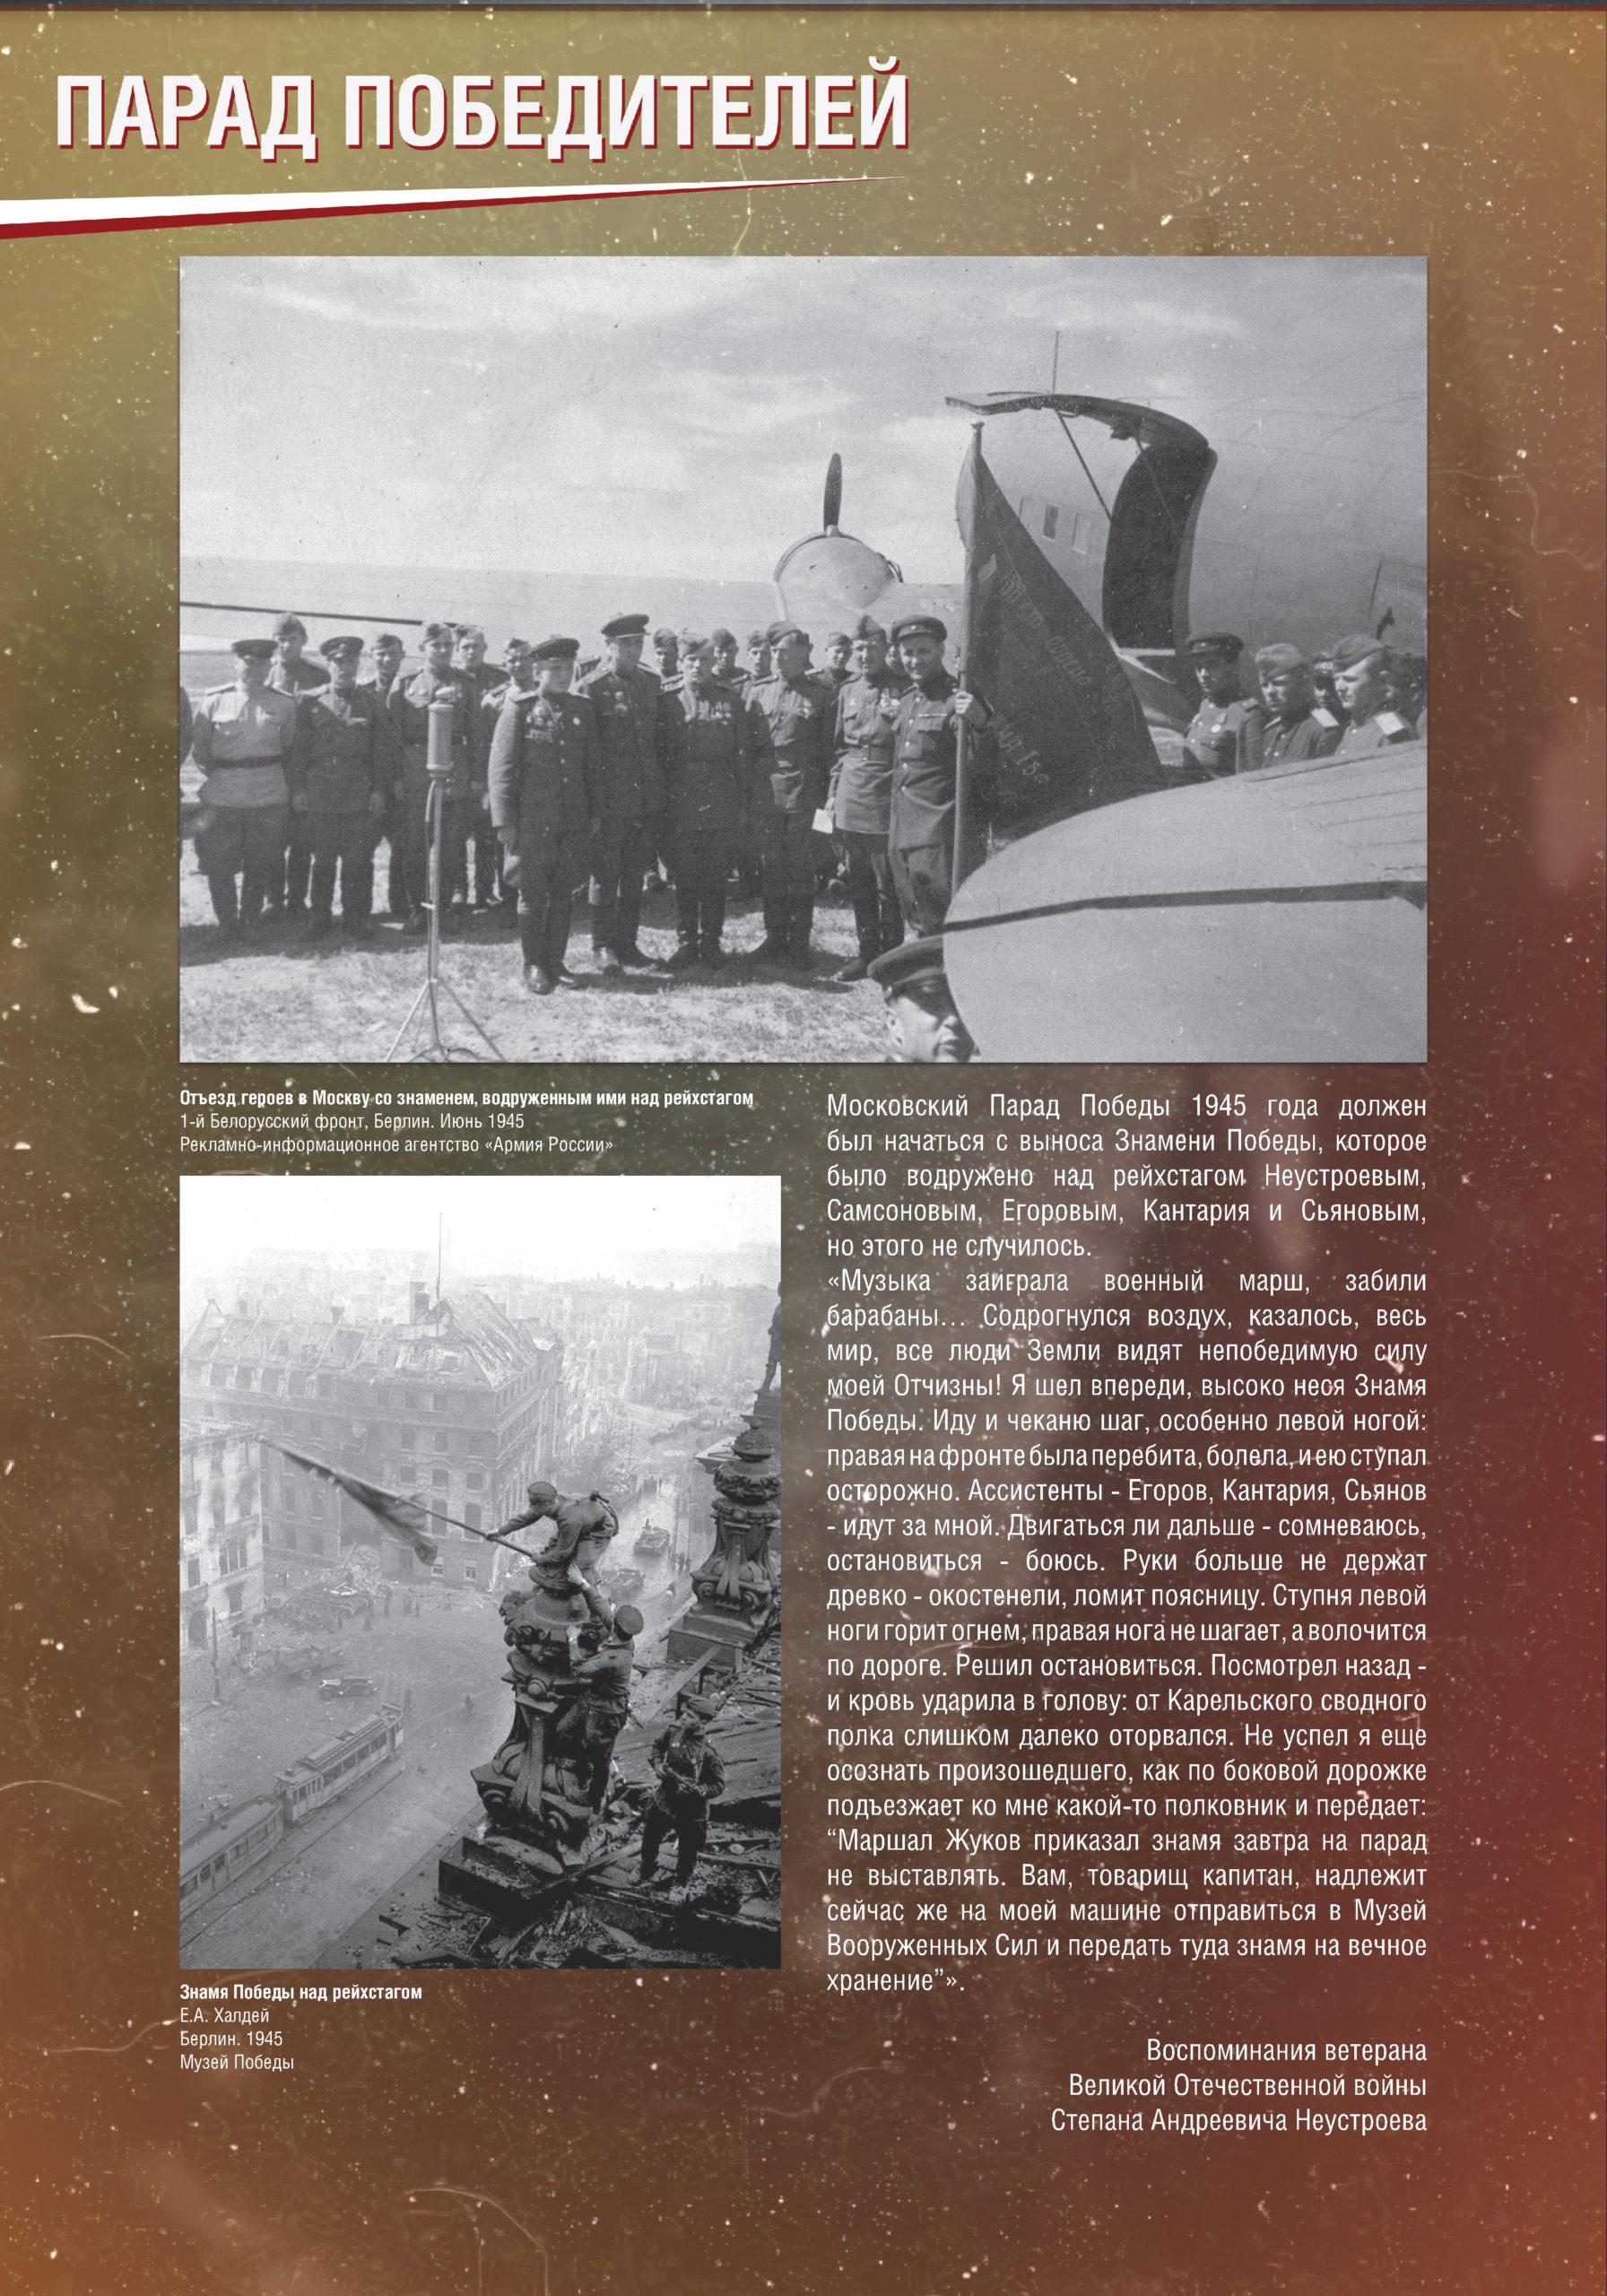 parad_pobediteley_1906_Page14